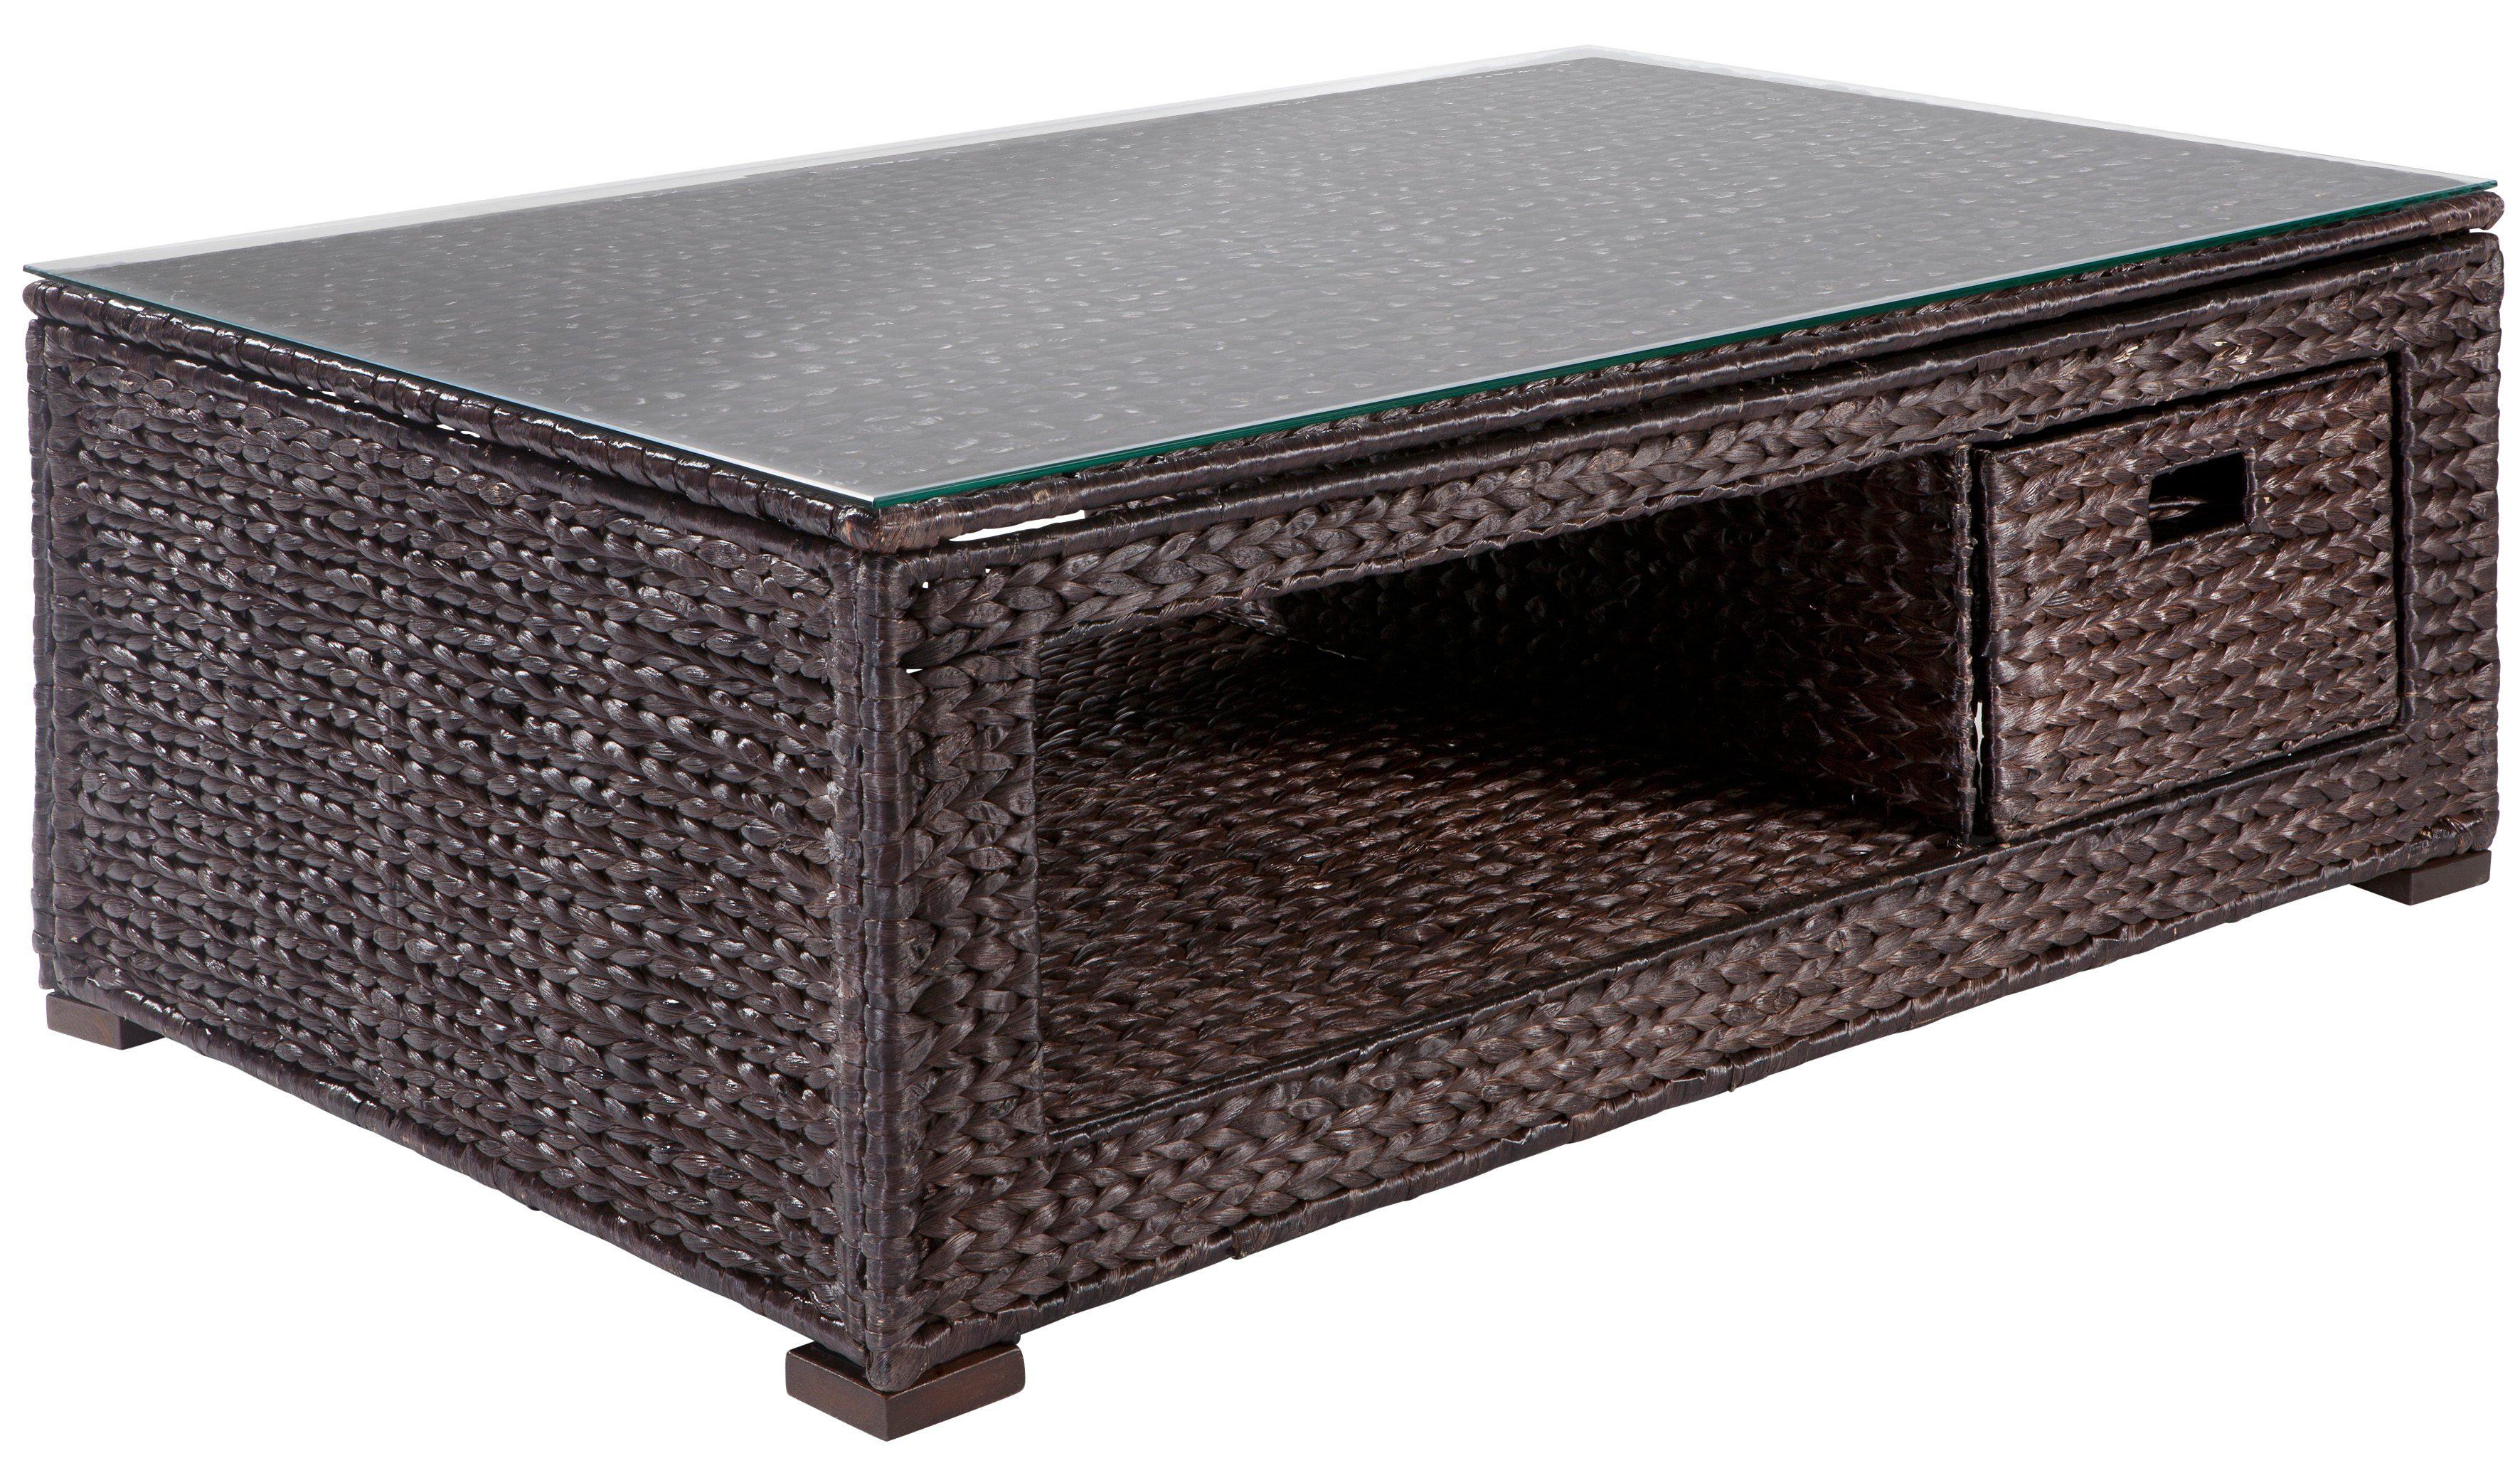 home affaire couchtisch sch nerempfang aus wasserhyazinthengeflecht ab 169 99 eur. Black Bedroom Furniture Sets. Home Design Ideas